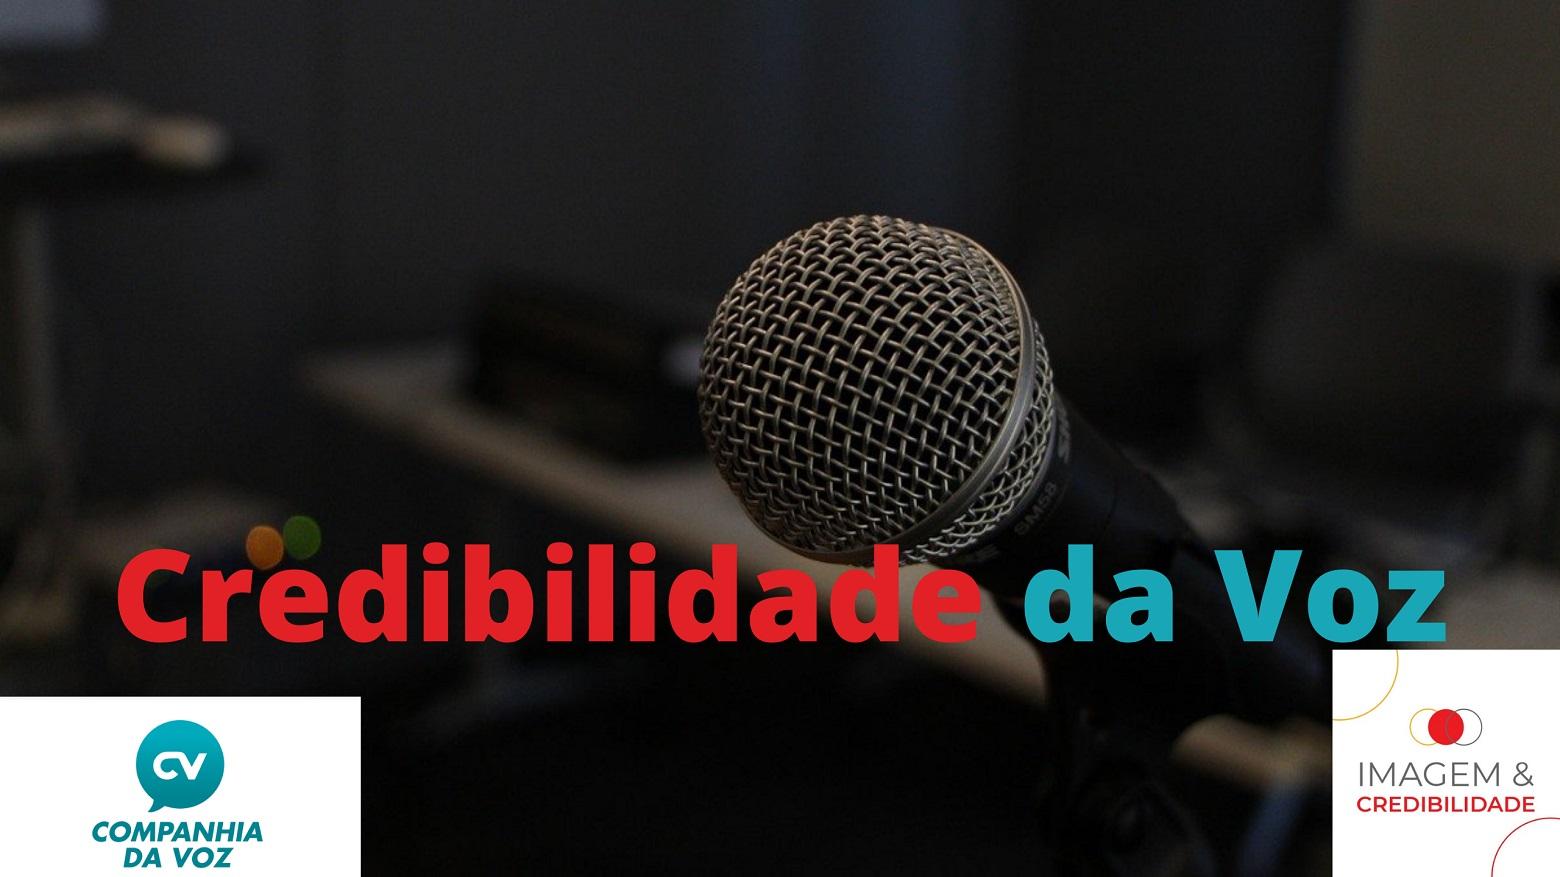 Credibilidade da Voz: A Sua Fábrica de Podcasts